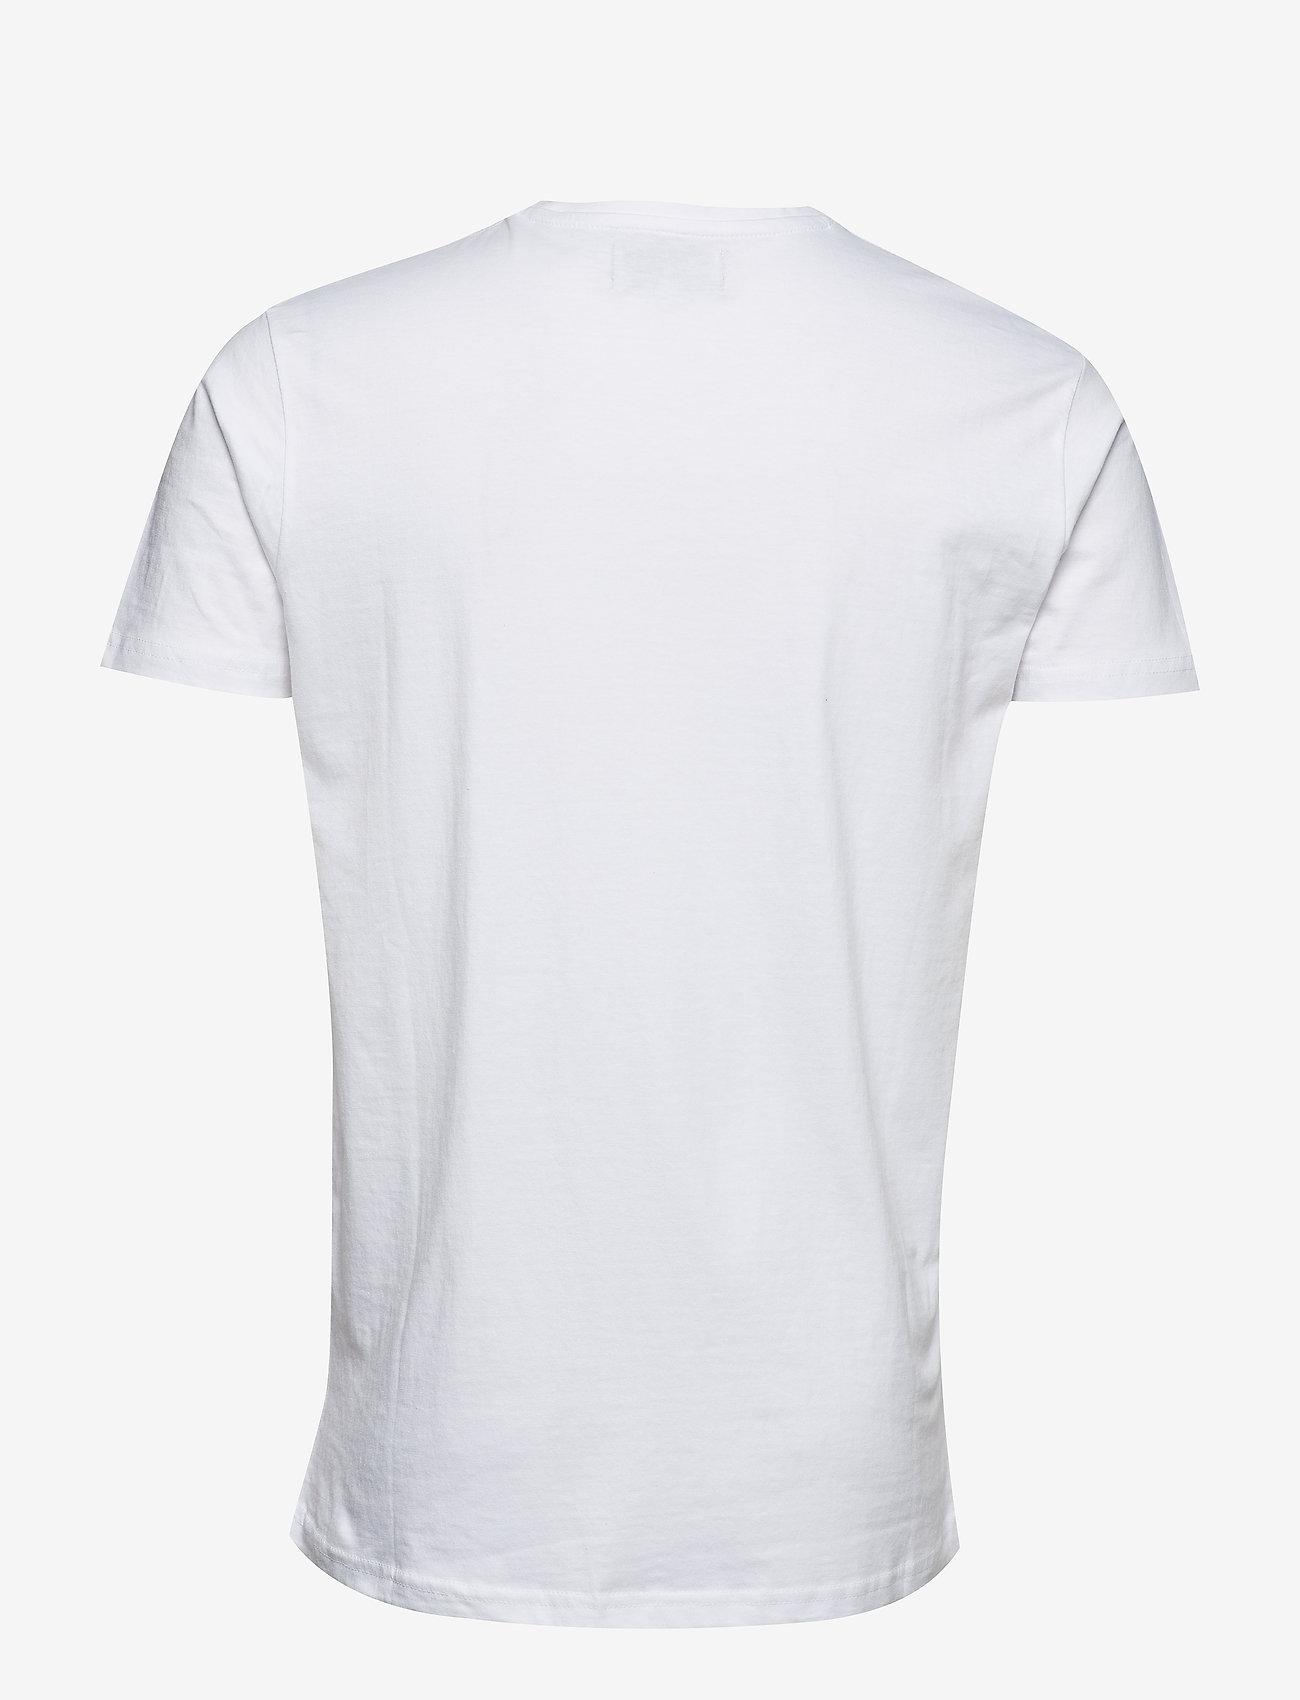 Just Junkies Ganger - T-skjorter WHITE - Menn Klær